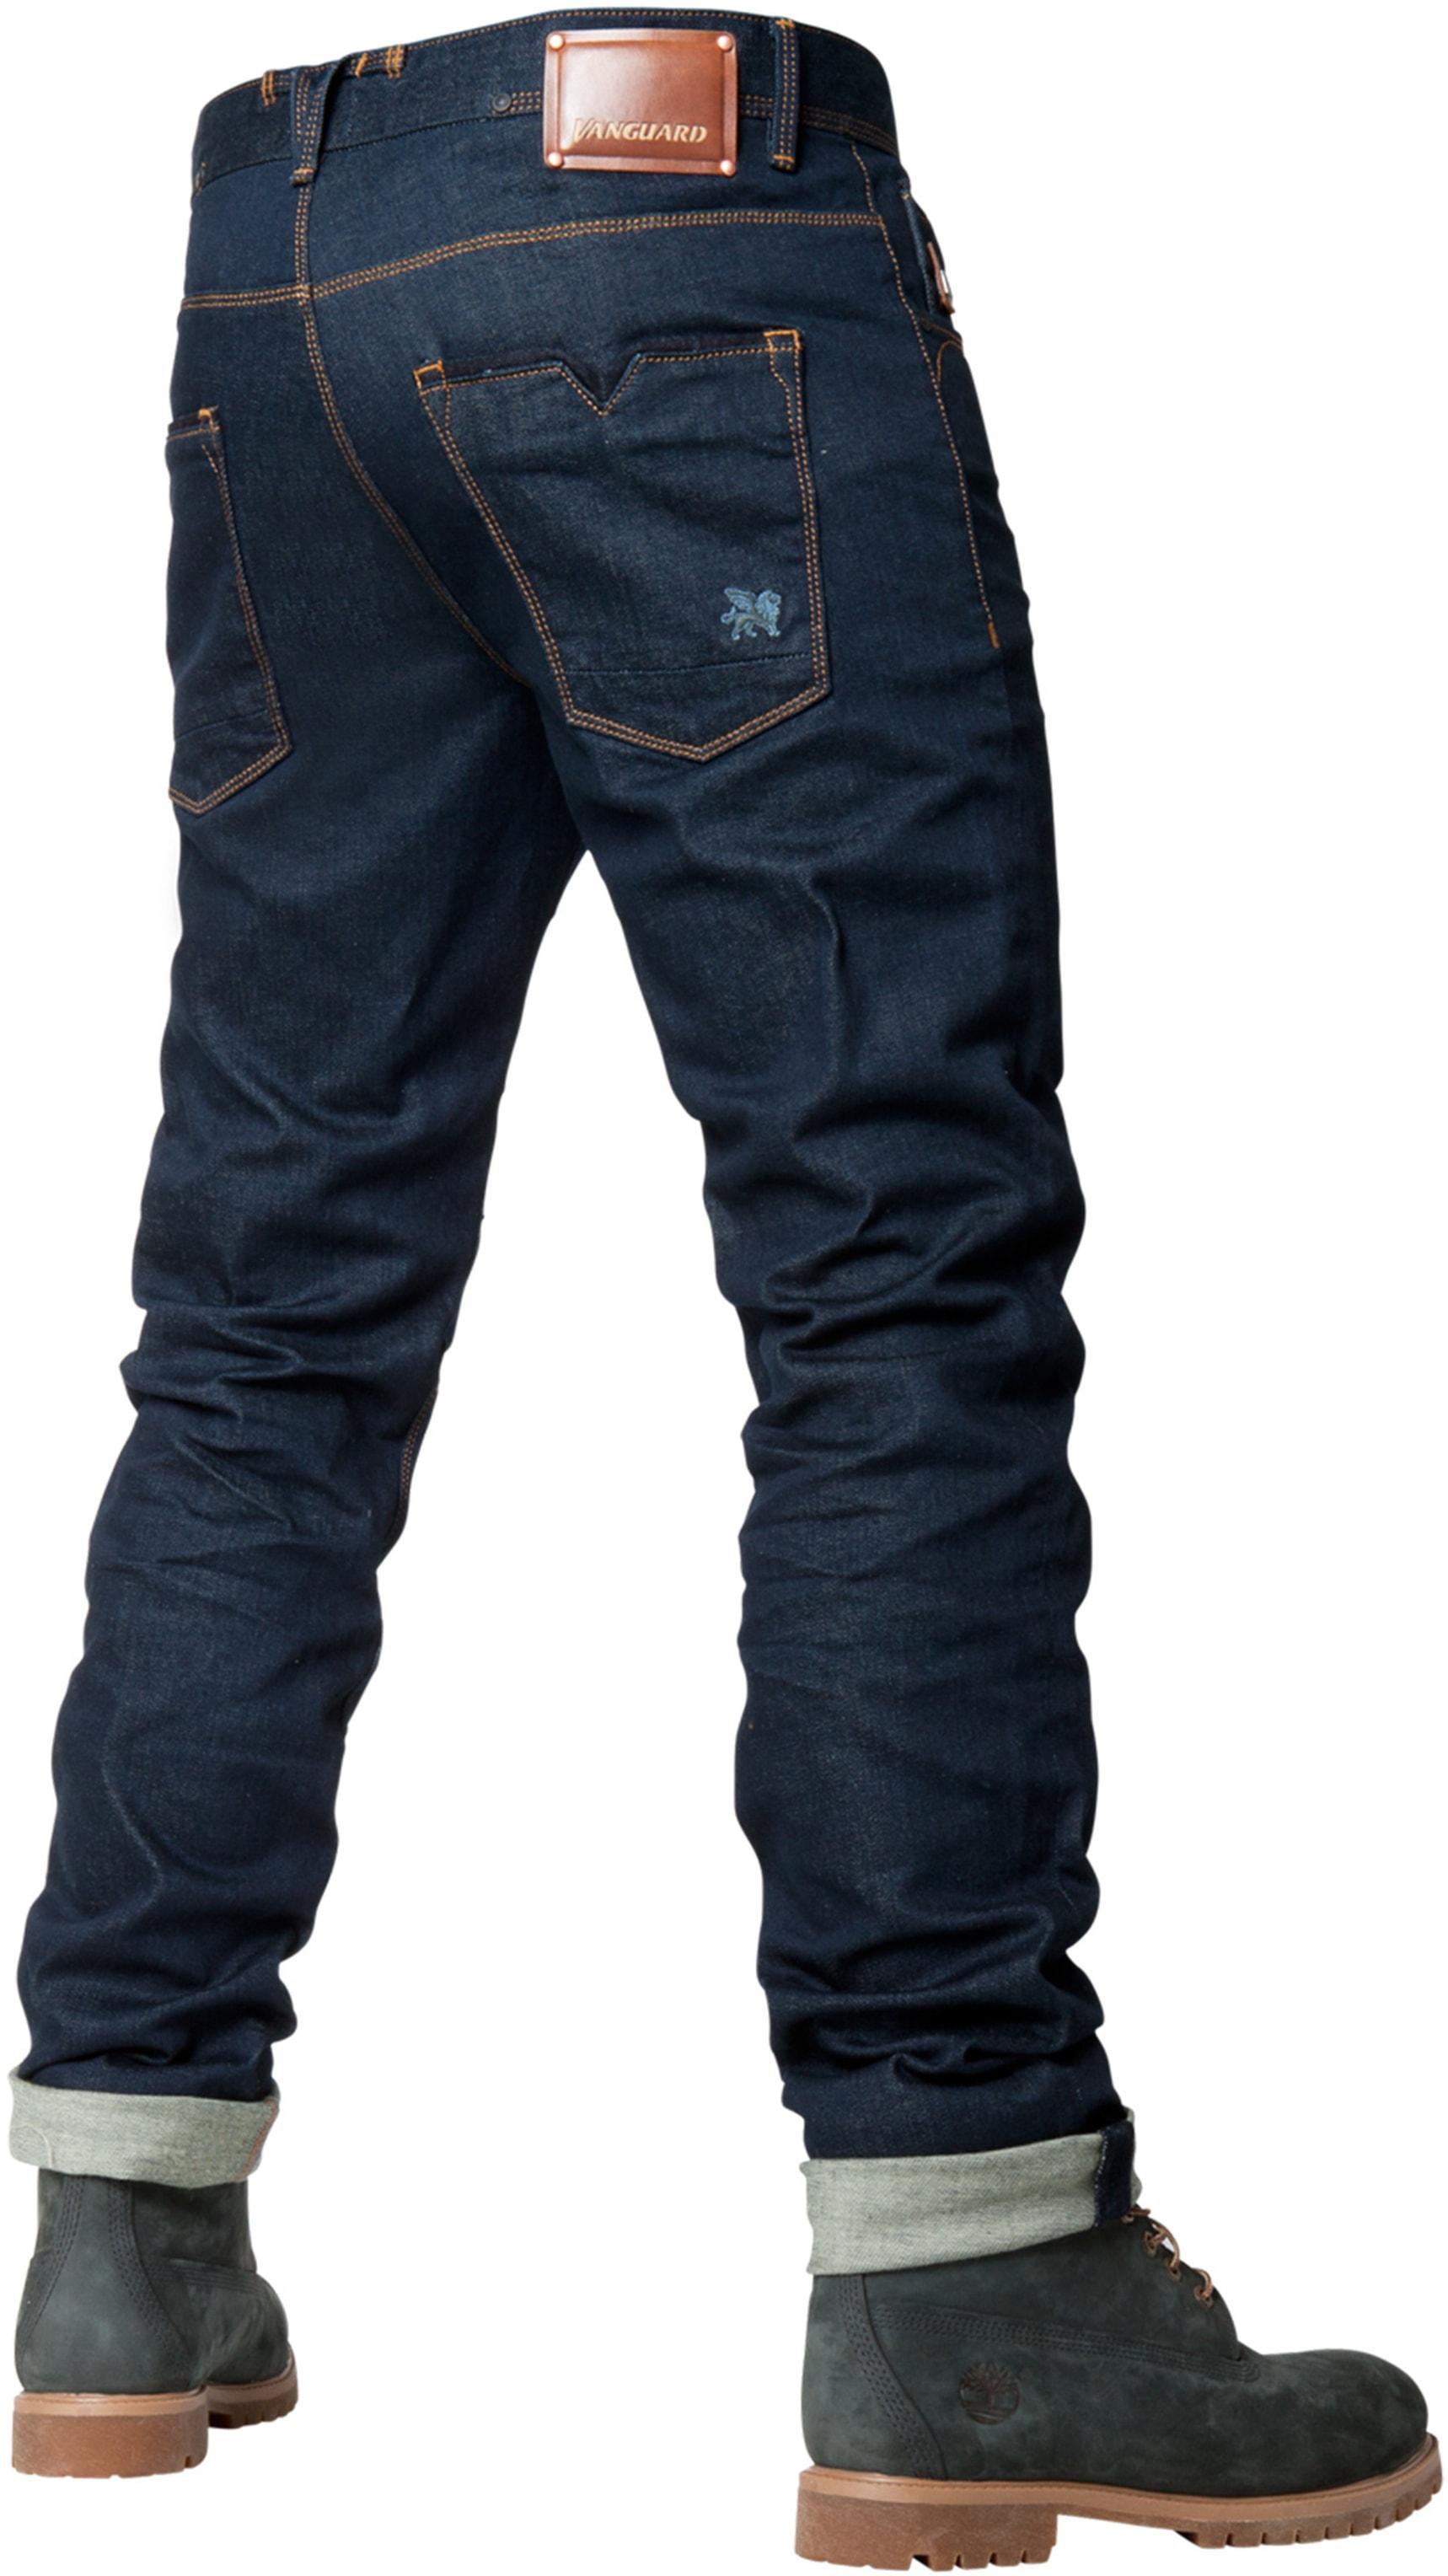 Vanguard V7 Rider Jeans CCF foto 1